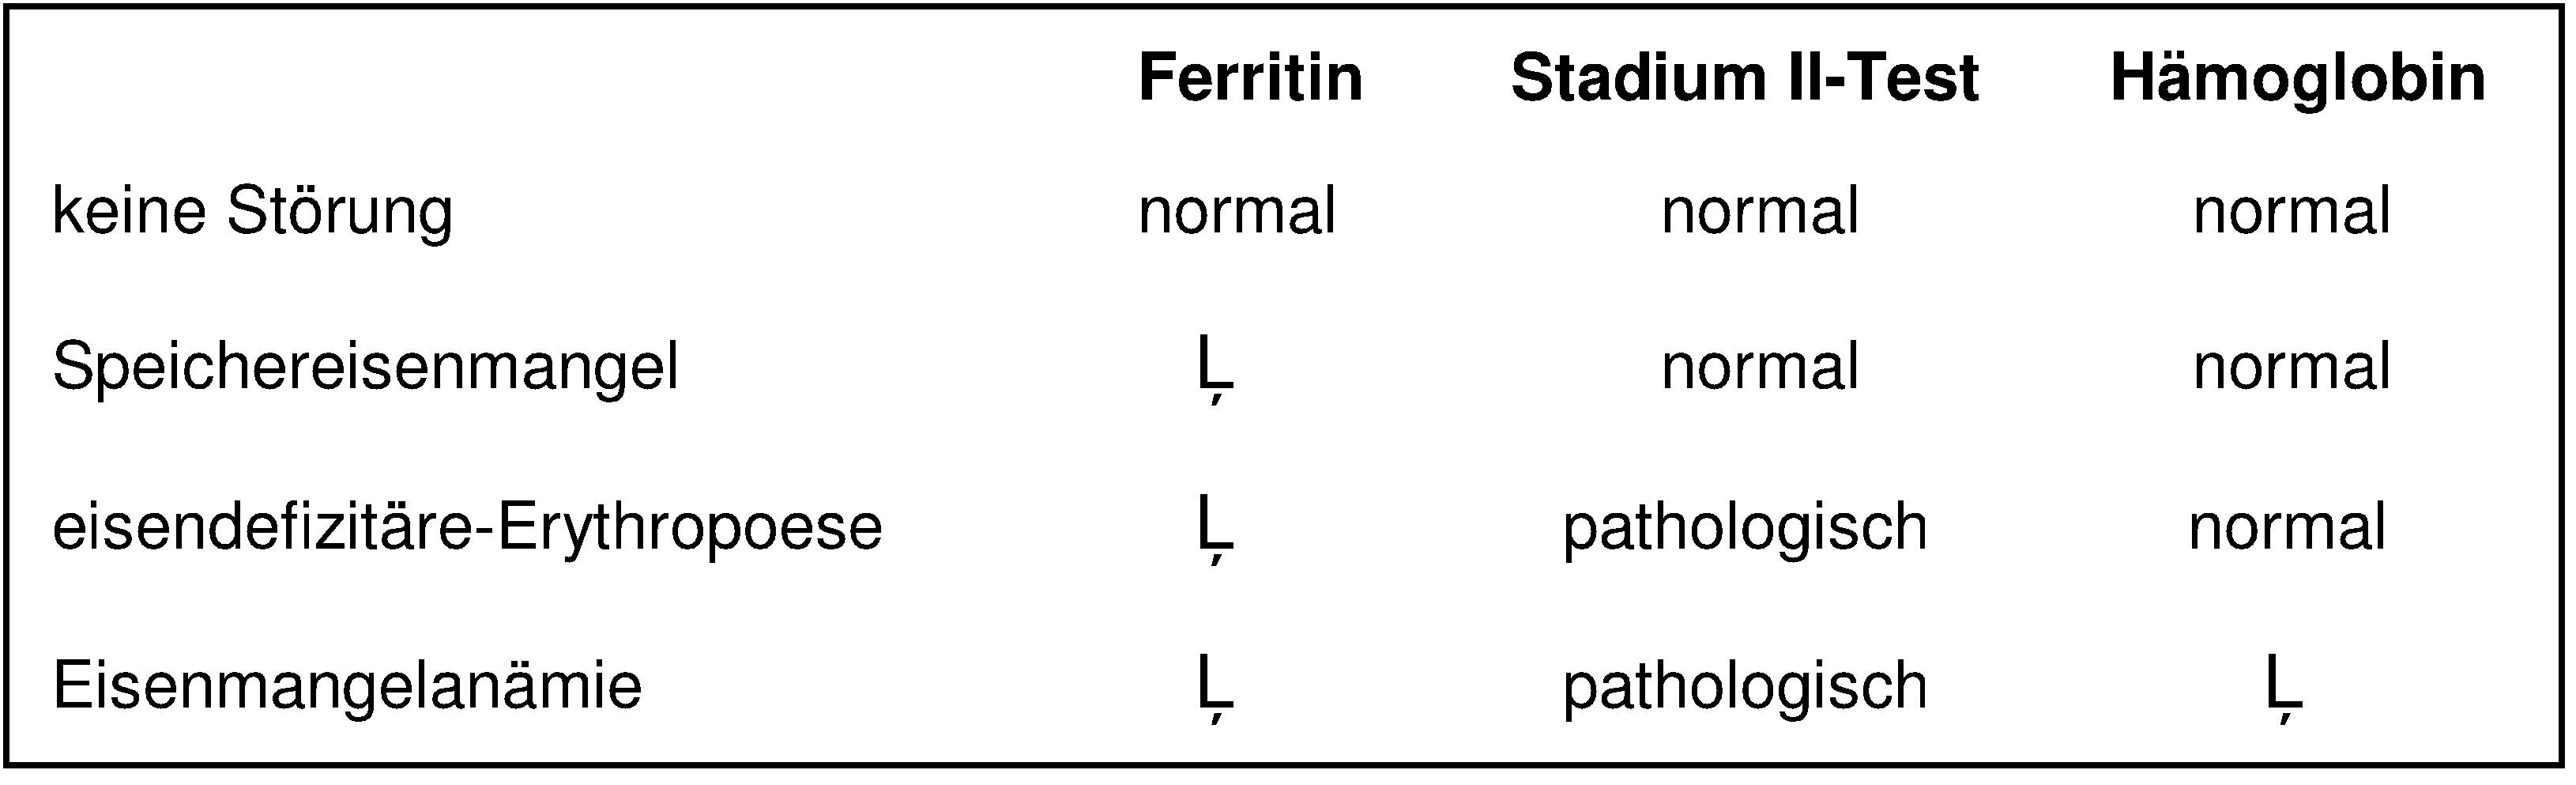 Beurteilung des Eisenstoffwechsels mit Ferritin, Hämoglobin und einem Parameter der eisendefizitären Erythropoese (Stadium-II-Test)